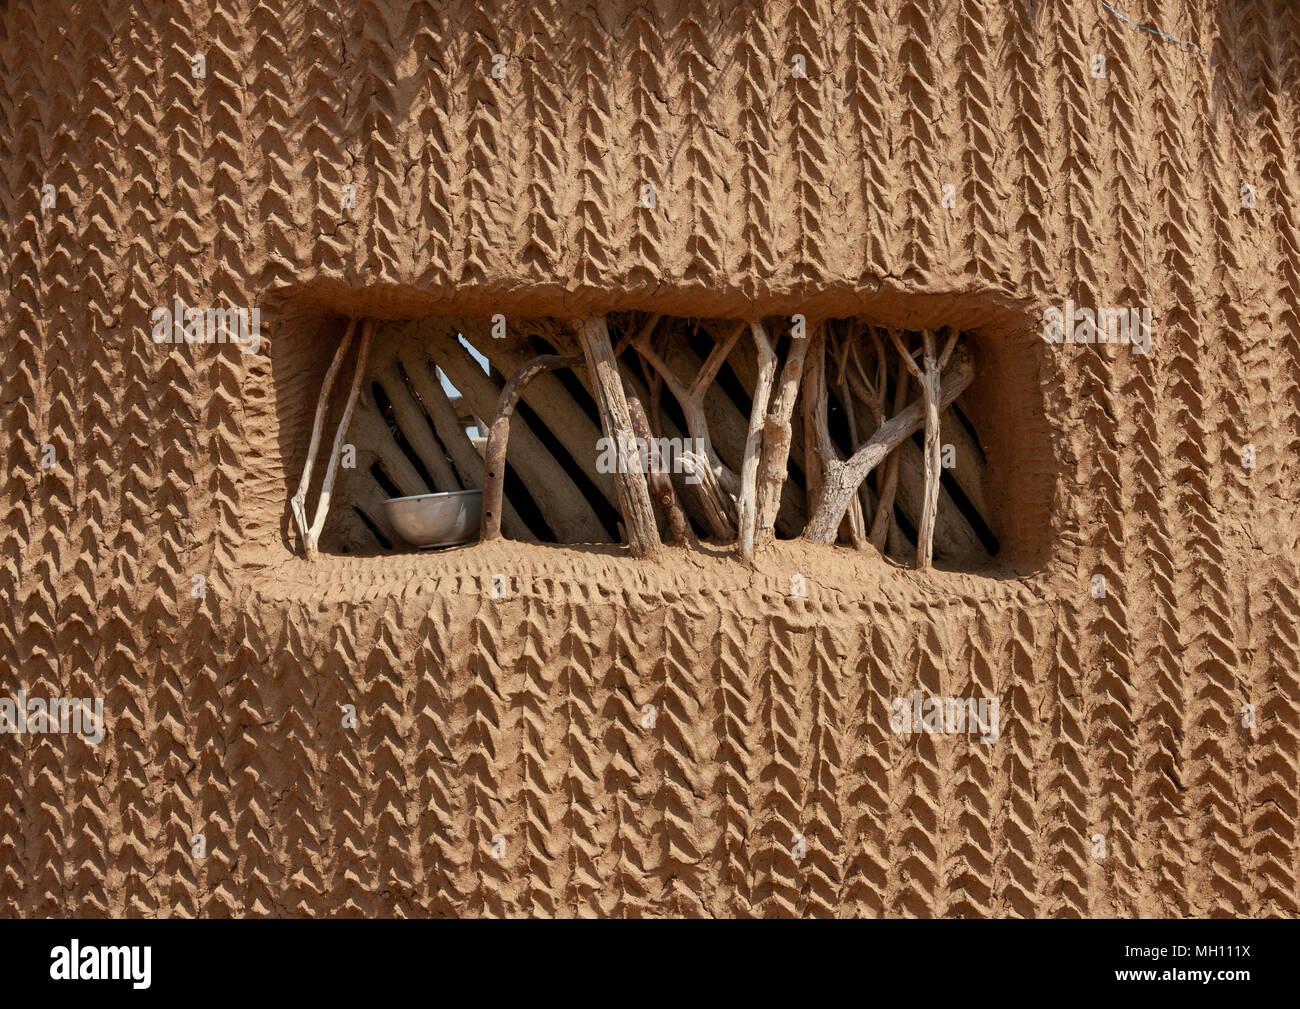 Kitchen Hut Stockfotos & Kitchen Hut Bilder - Seite 2 - Alamy